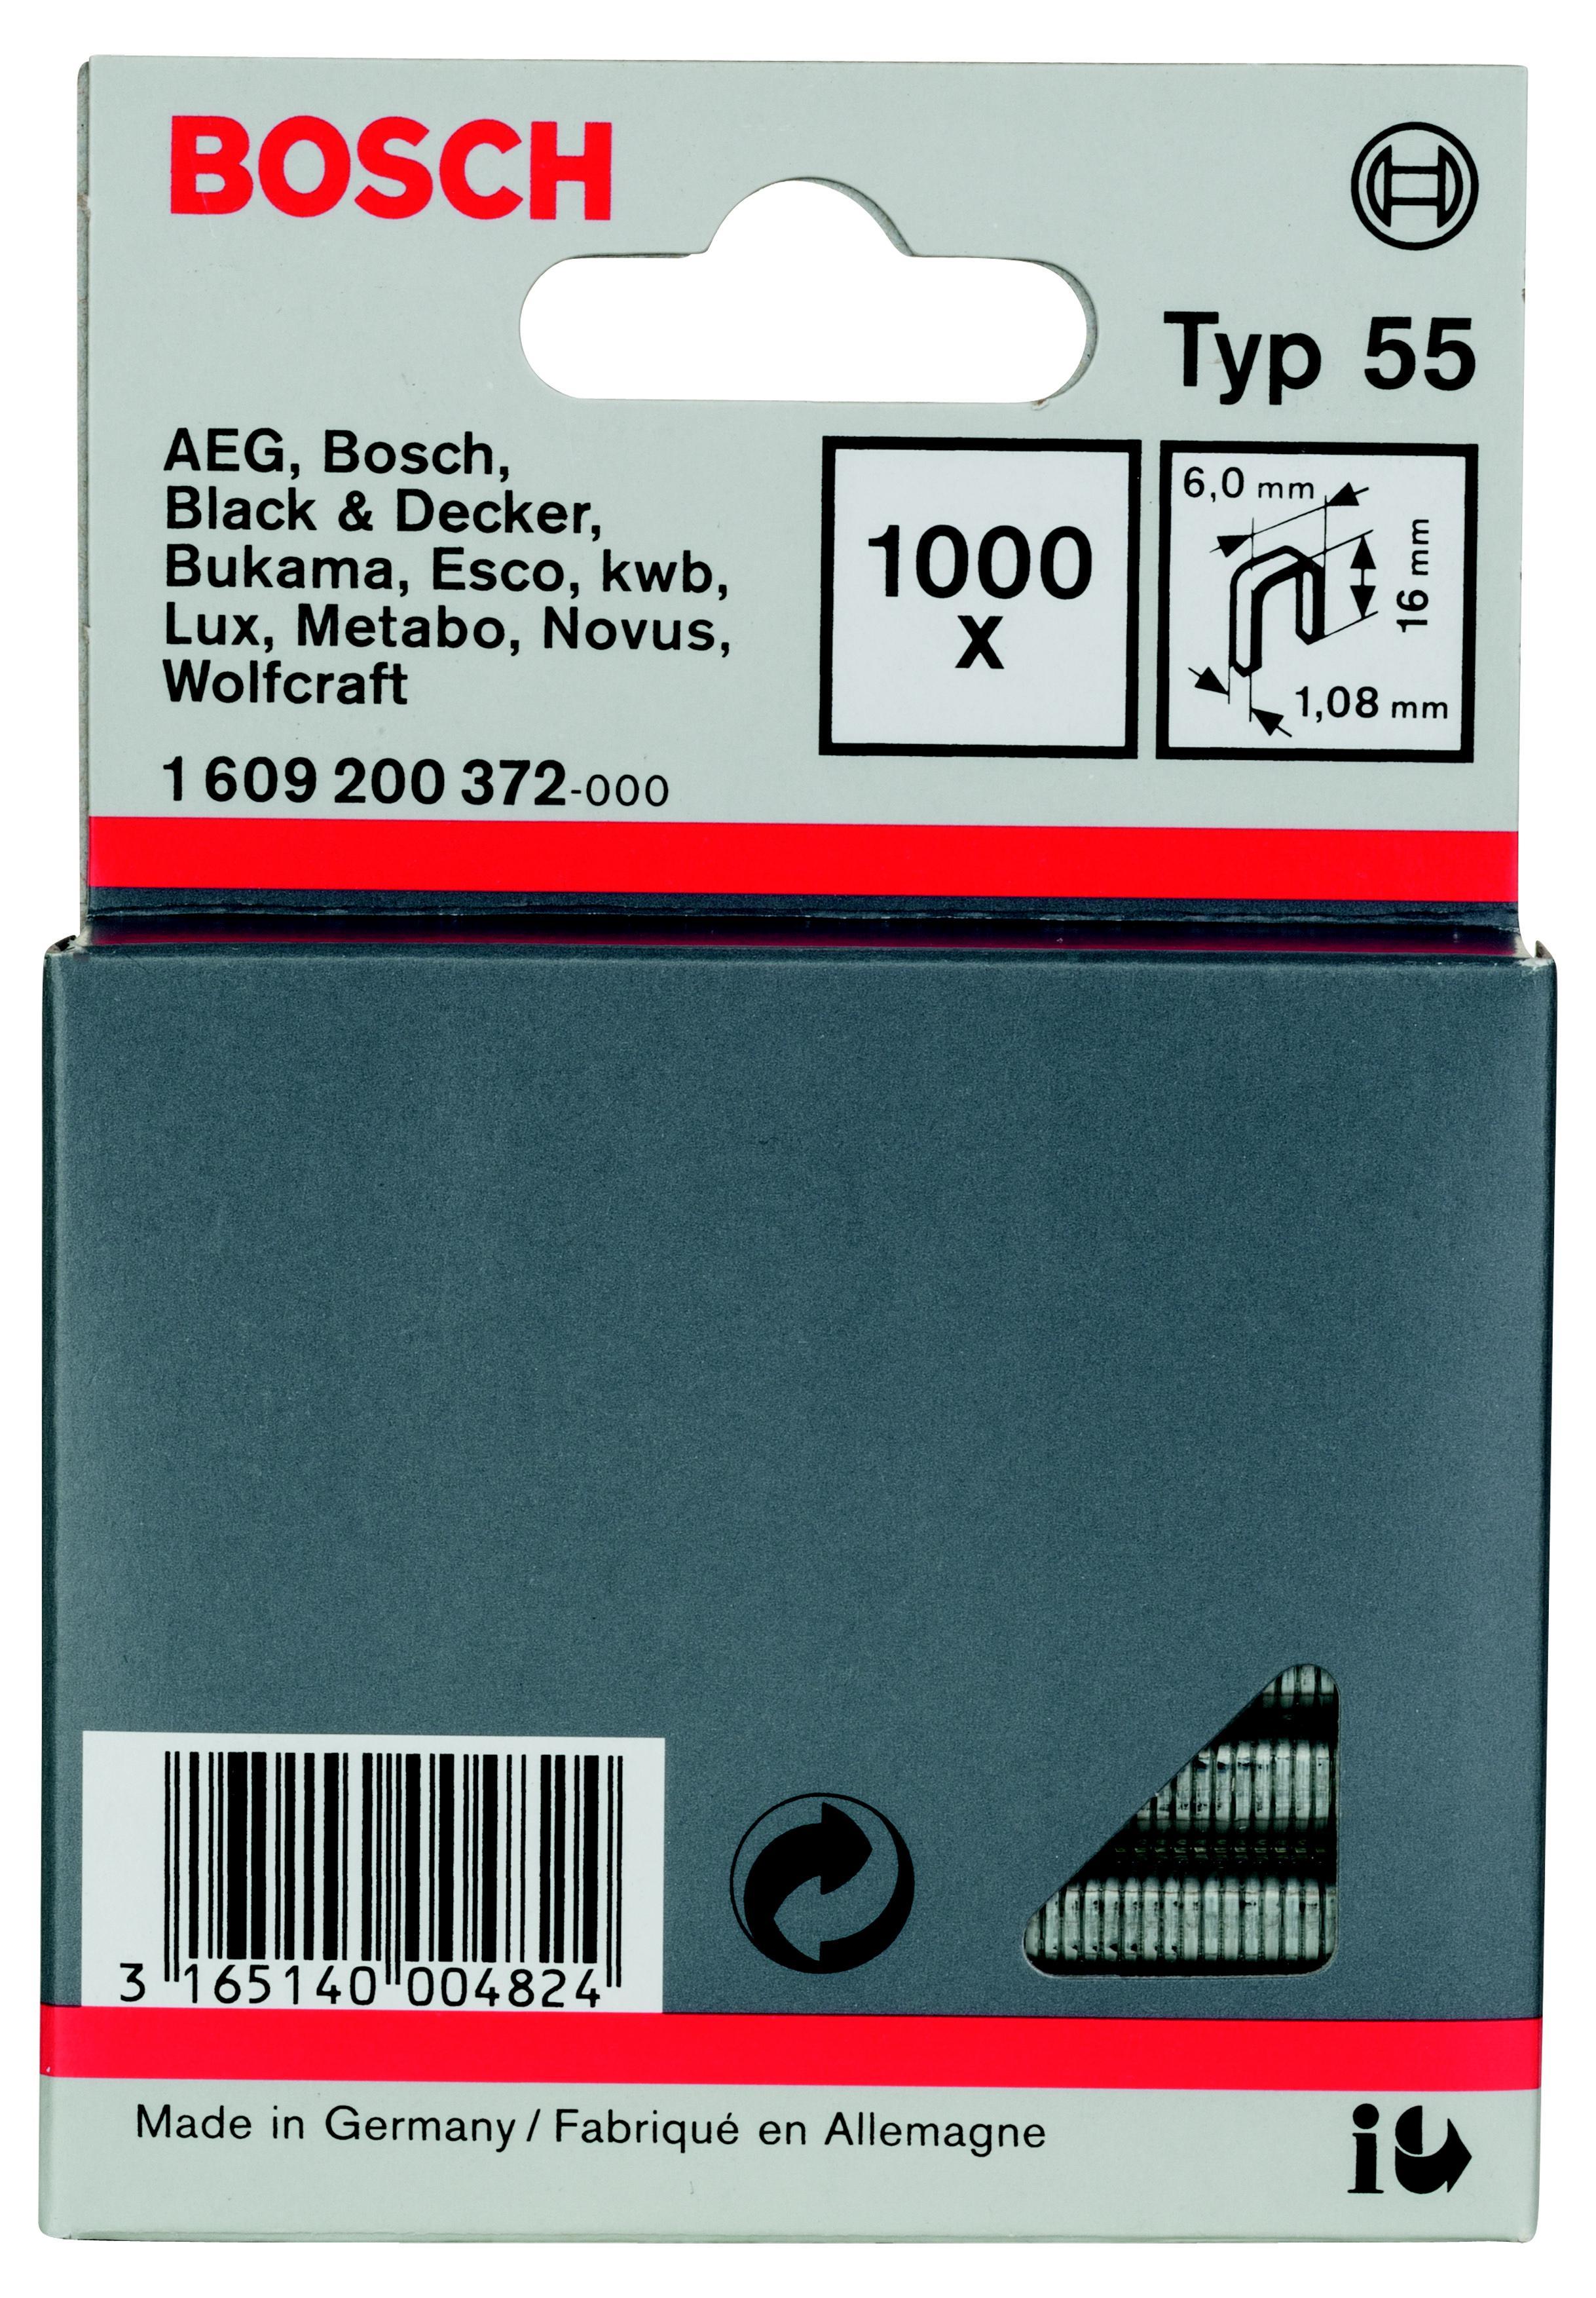 Скобы для степлера Bosch 1609200372 16 мм, тип 55, 1000 шт. скобы bosch для строительного степлера тип t53 6 мм 1000 шт